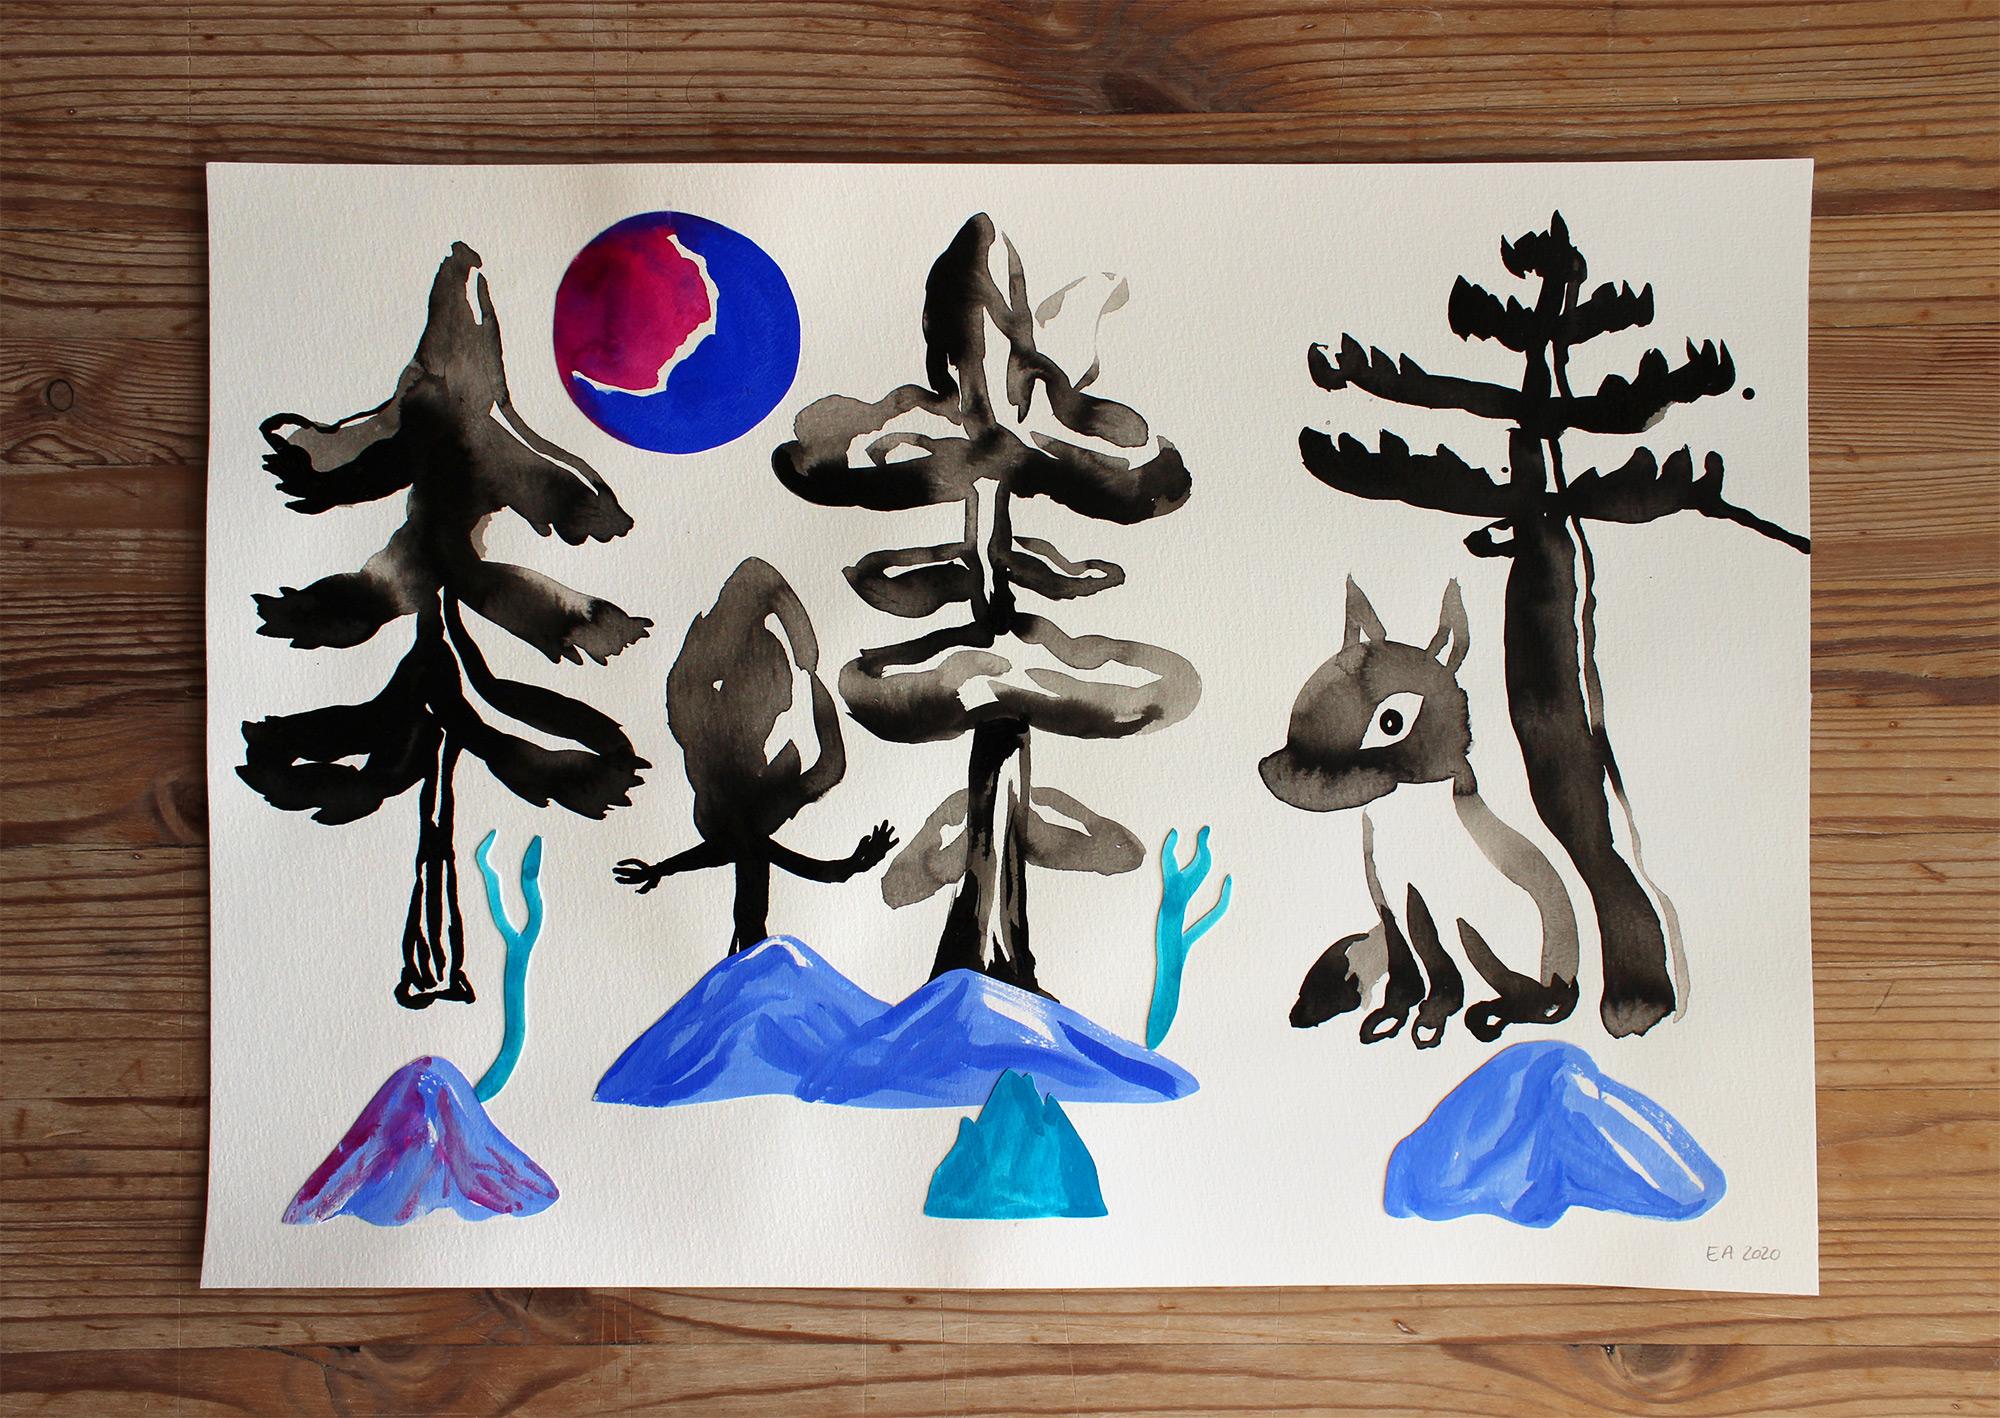 tegninger, gouache-malerier, akvarel-malerier, farverige, børnevenlige, figurative, landskab, minimalistiske, pop, dyreliv, botanik, natur, vilde-dyr, sorte, blå, gouache, blæk, papir, smukke, dansk, dekorative, design, skov, interiør, bolig-indretning, moderne, bjerge, nordisk, planter, plakater, flotte, tryk, skandinavisk, Køb original kunst og kunstplakater. Malerier, tegninger, limited edition kunsttryk & plakater af dygtige kunstnere.